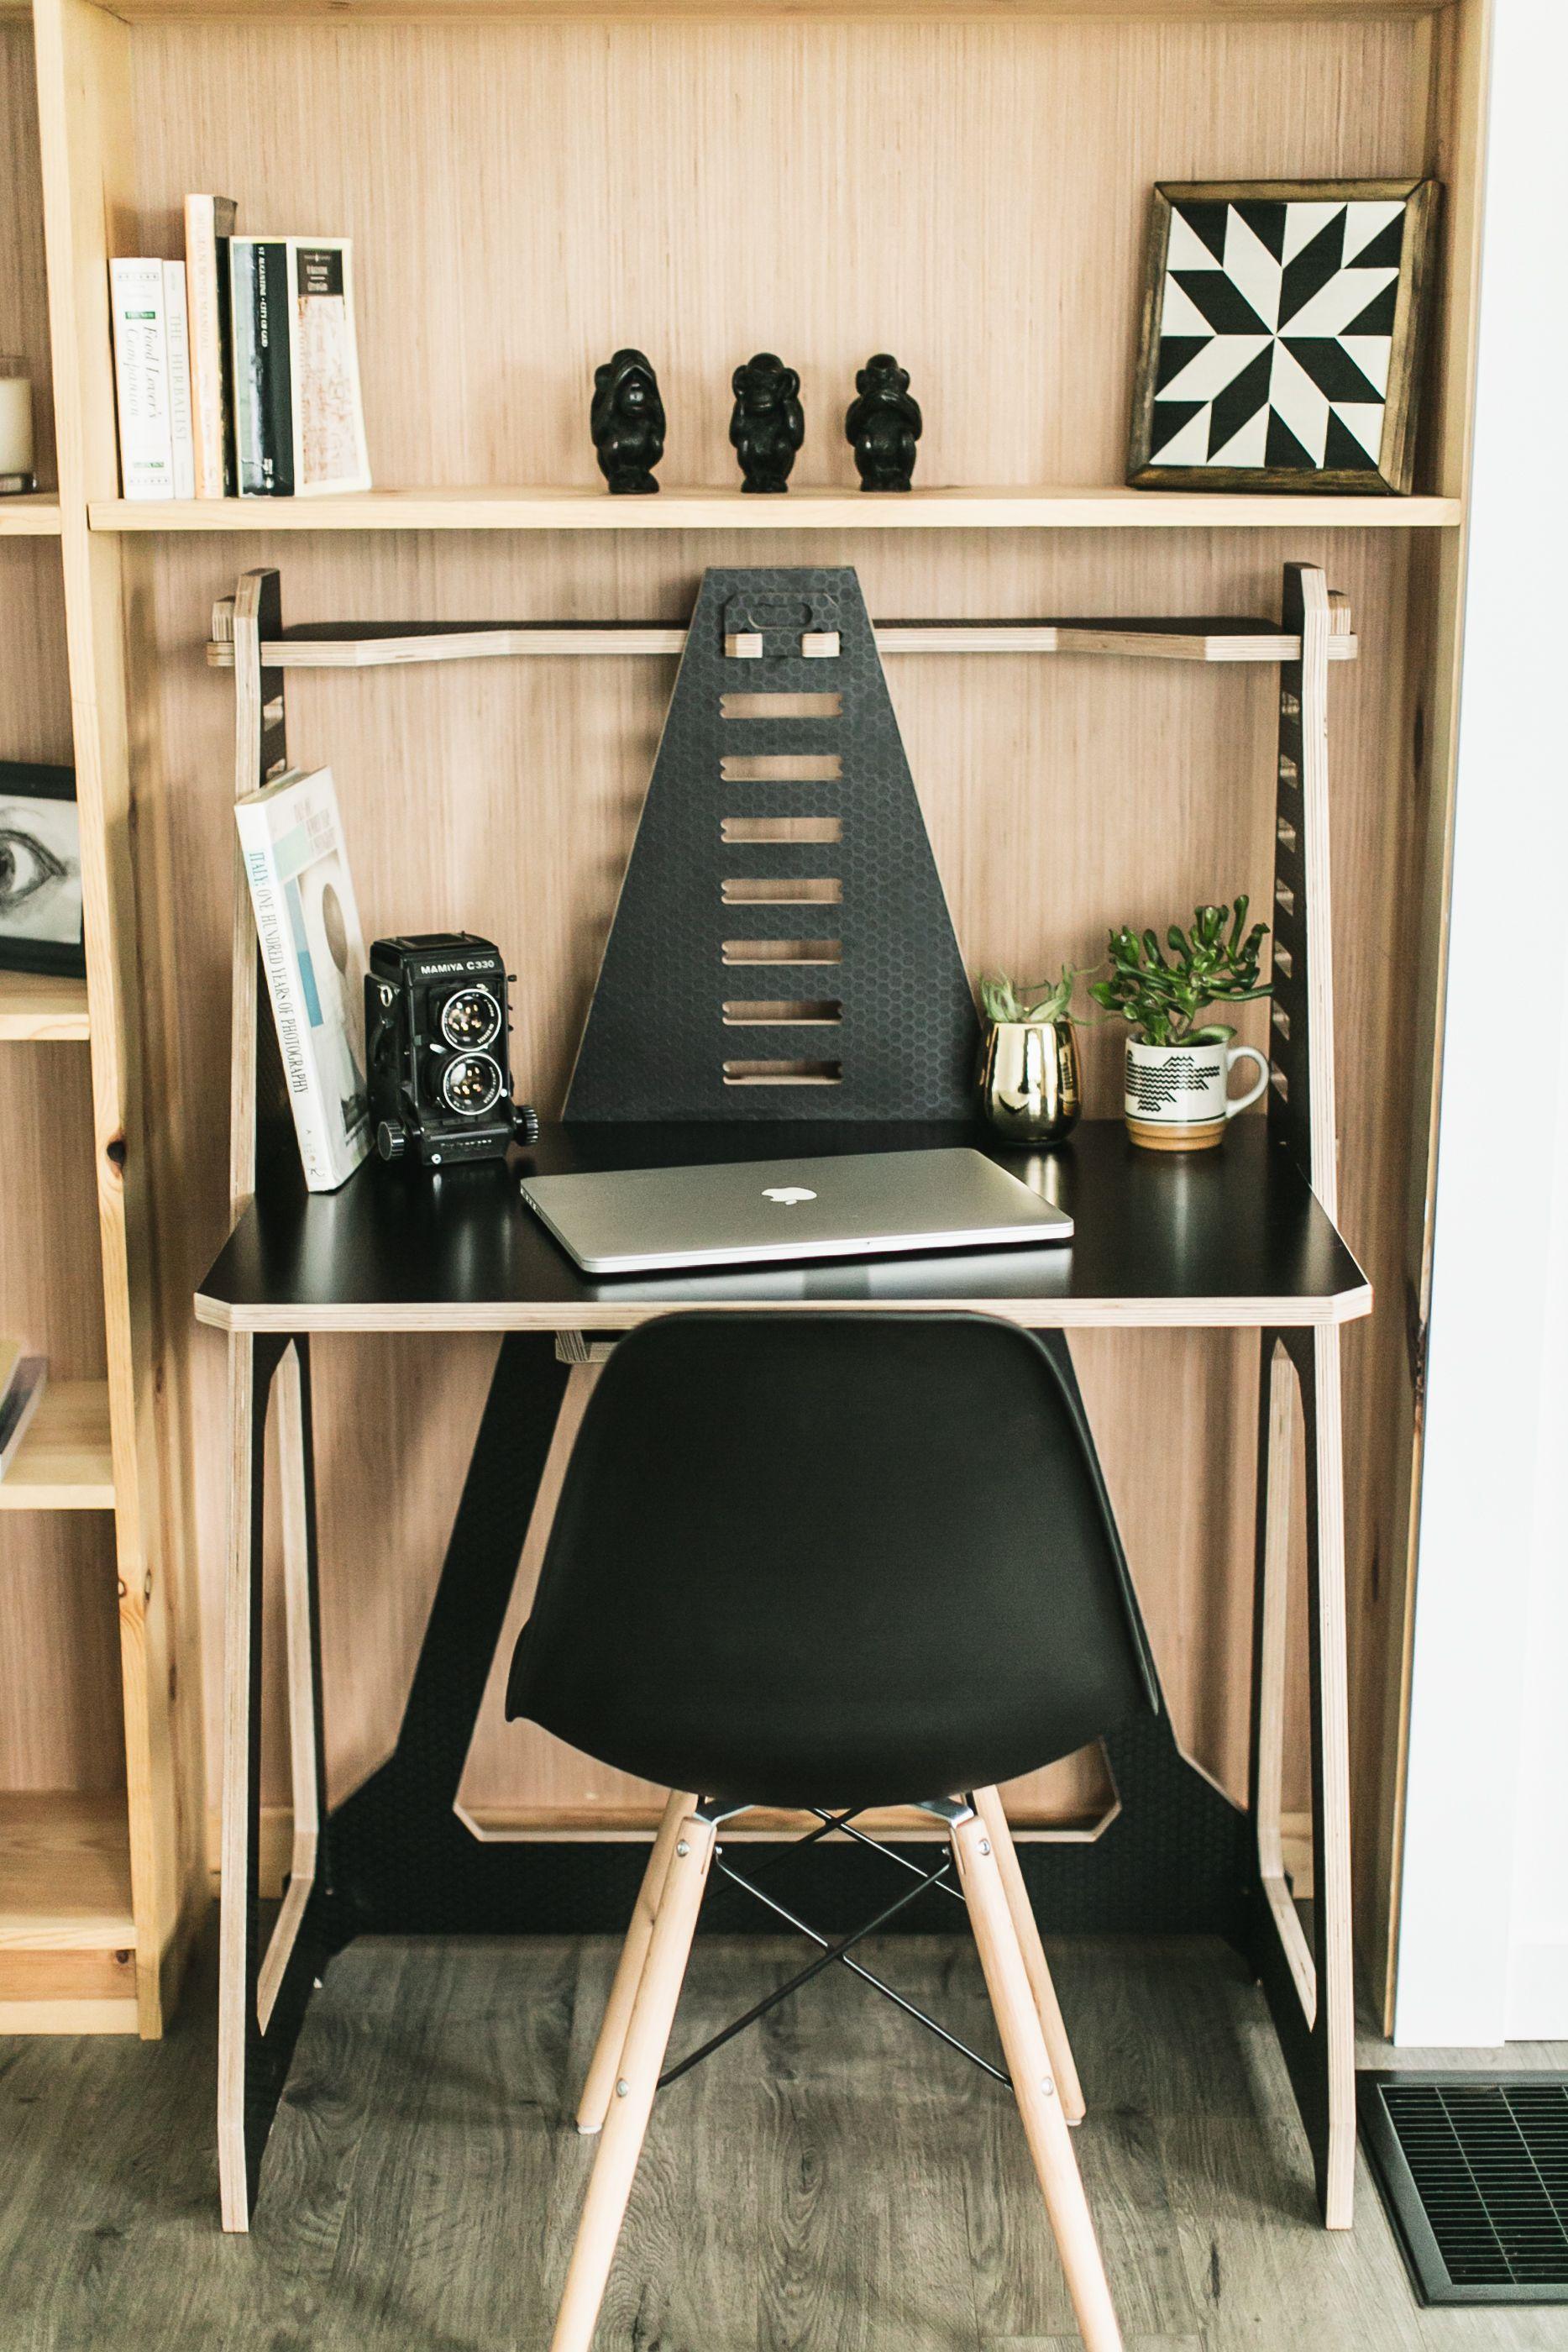 Wfh Desk Sit Stand Desk Ergonomic Height Adjustable Standing Desk Home Office Home Desk Home Room Ideas Bedroom